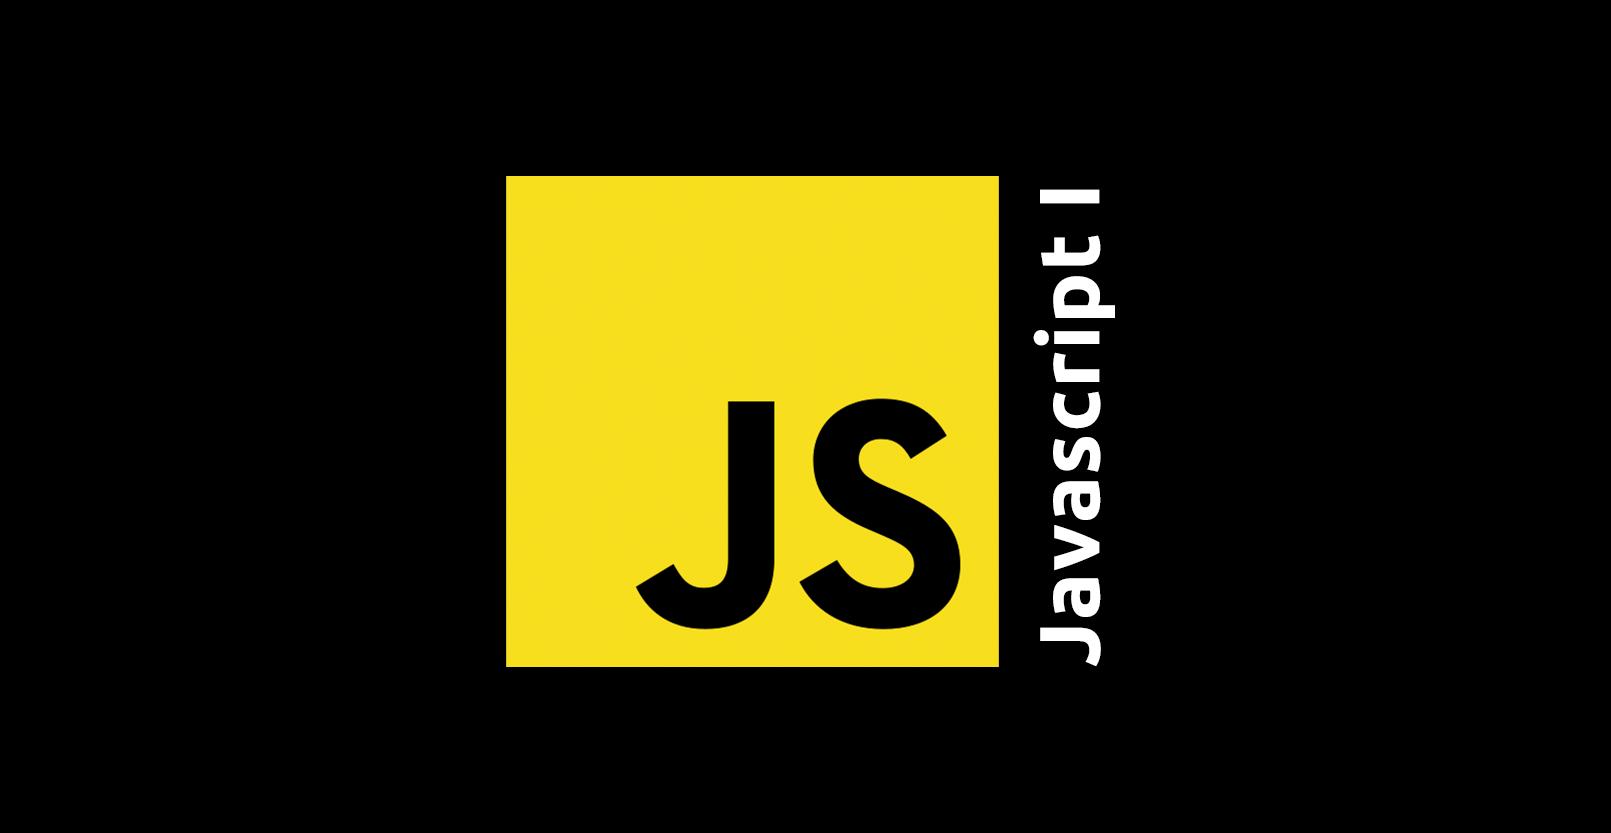 Curso Javascript - Sintaxis básica